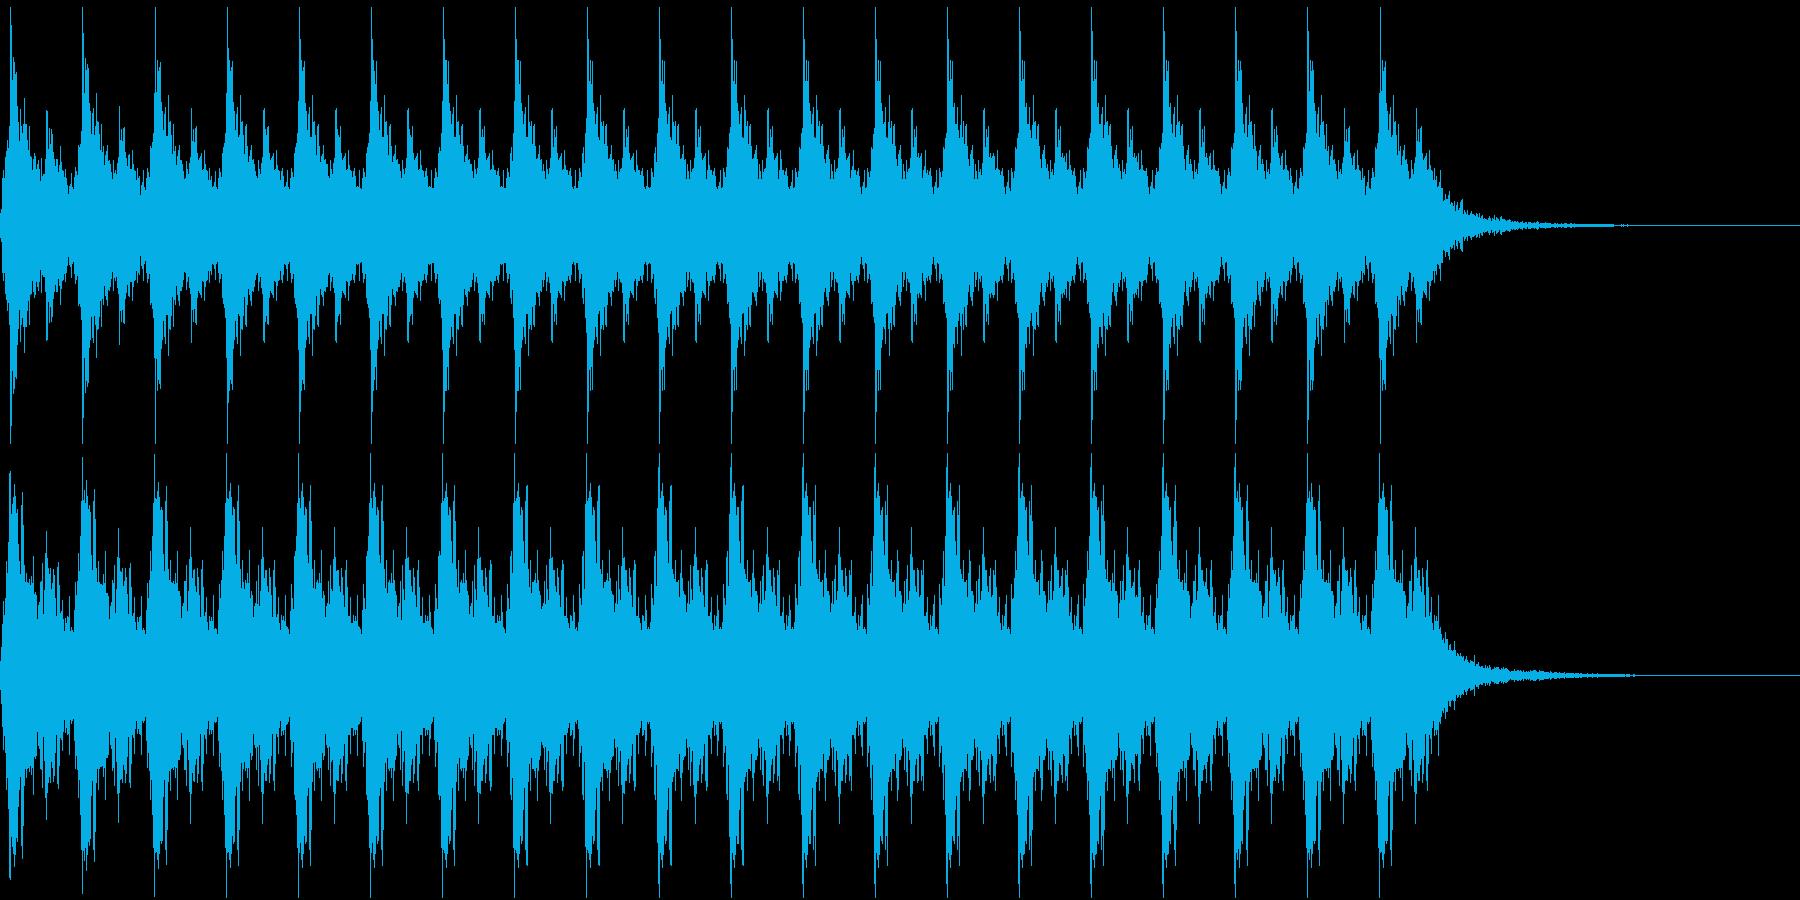 クリスマス サンタの鈴 10秒間の再生済みの波形